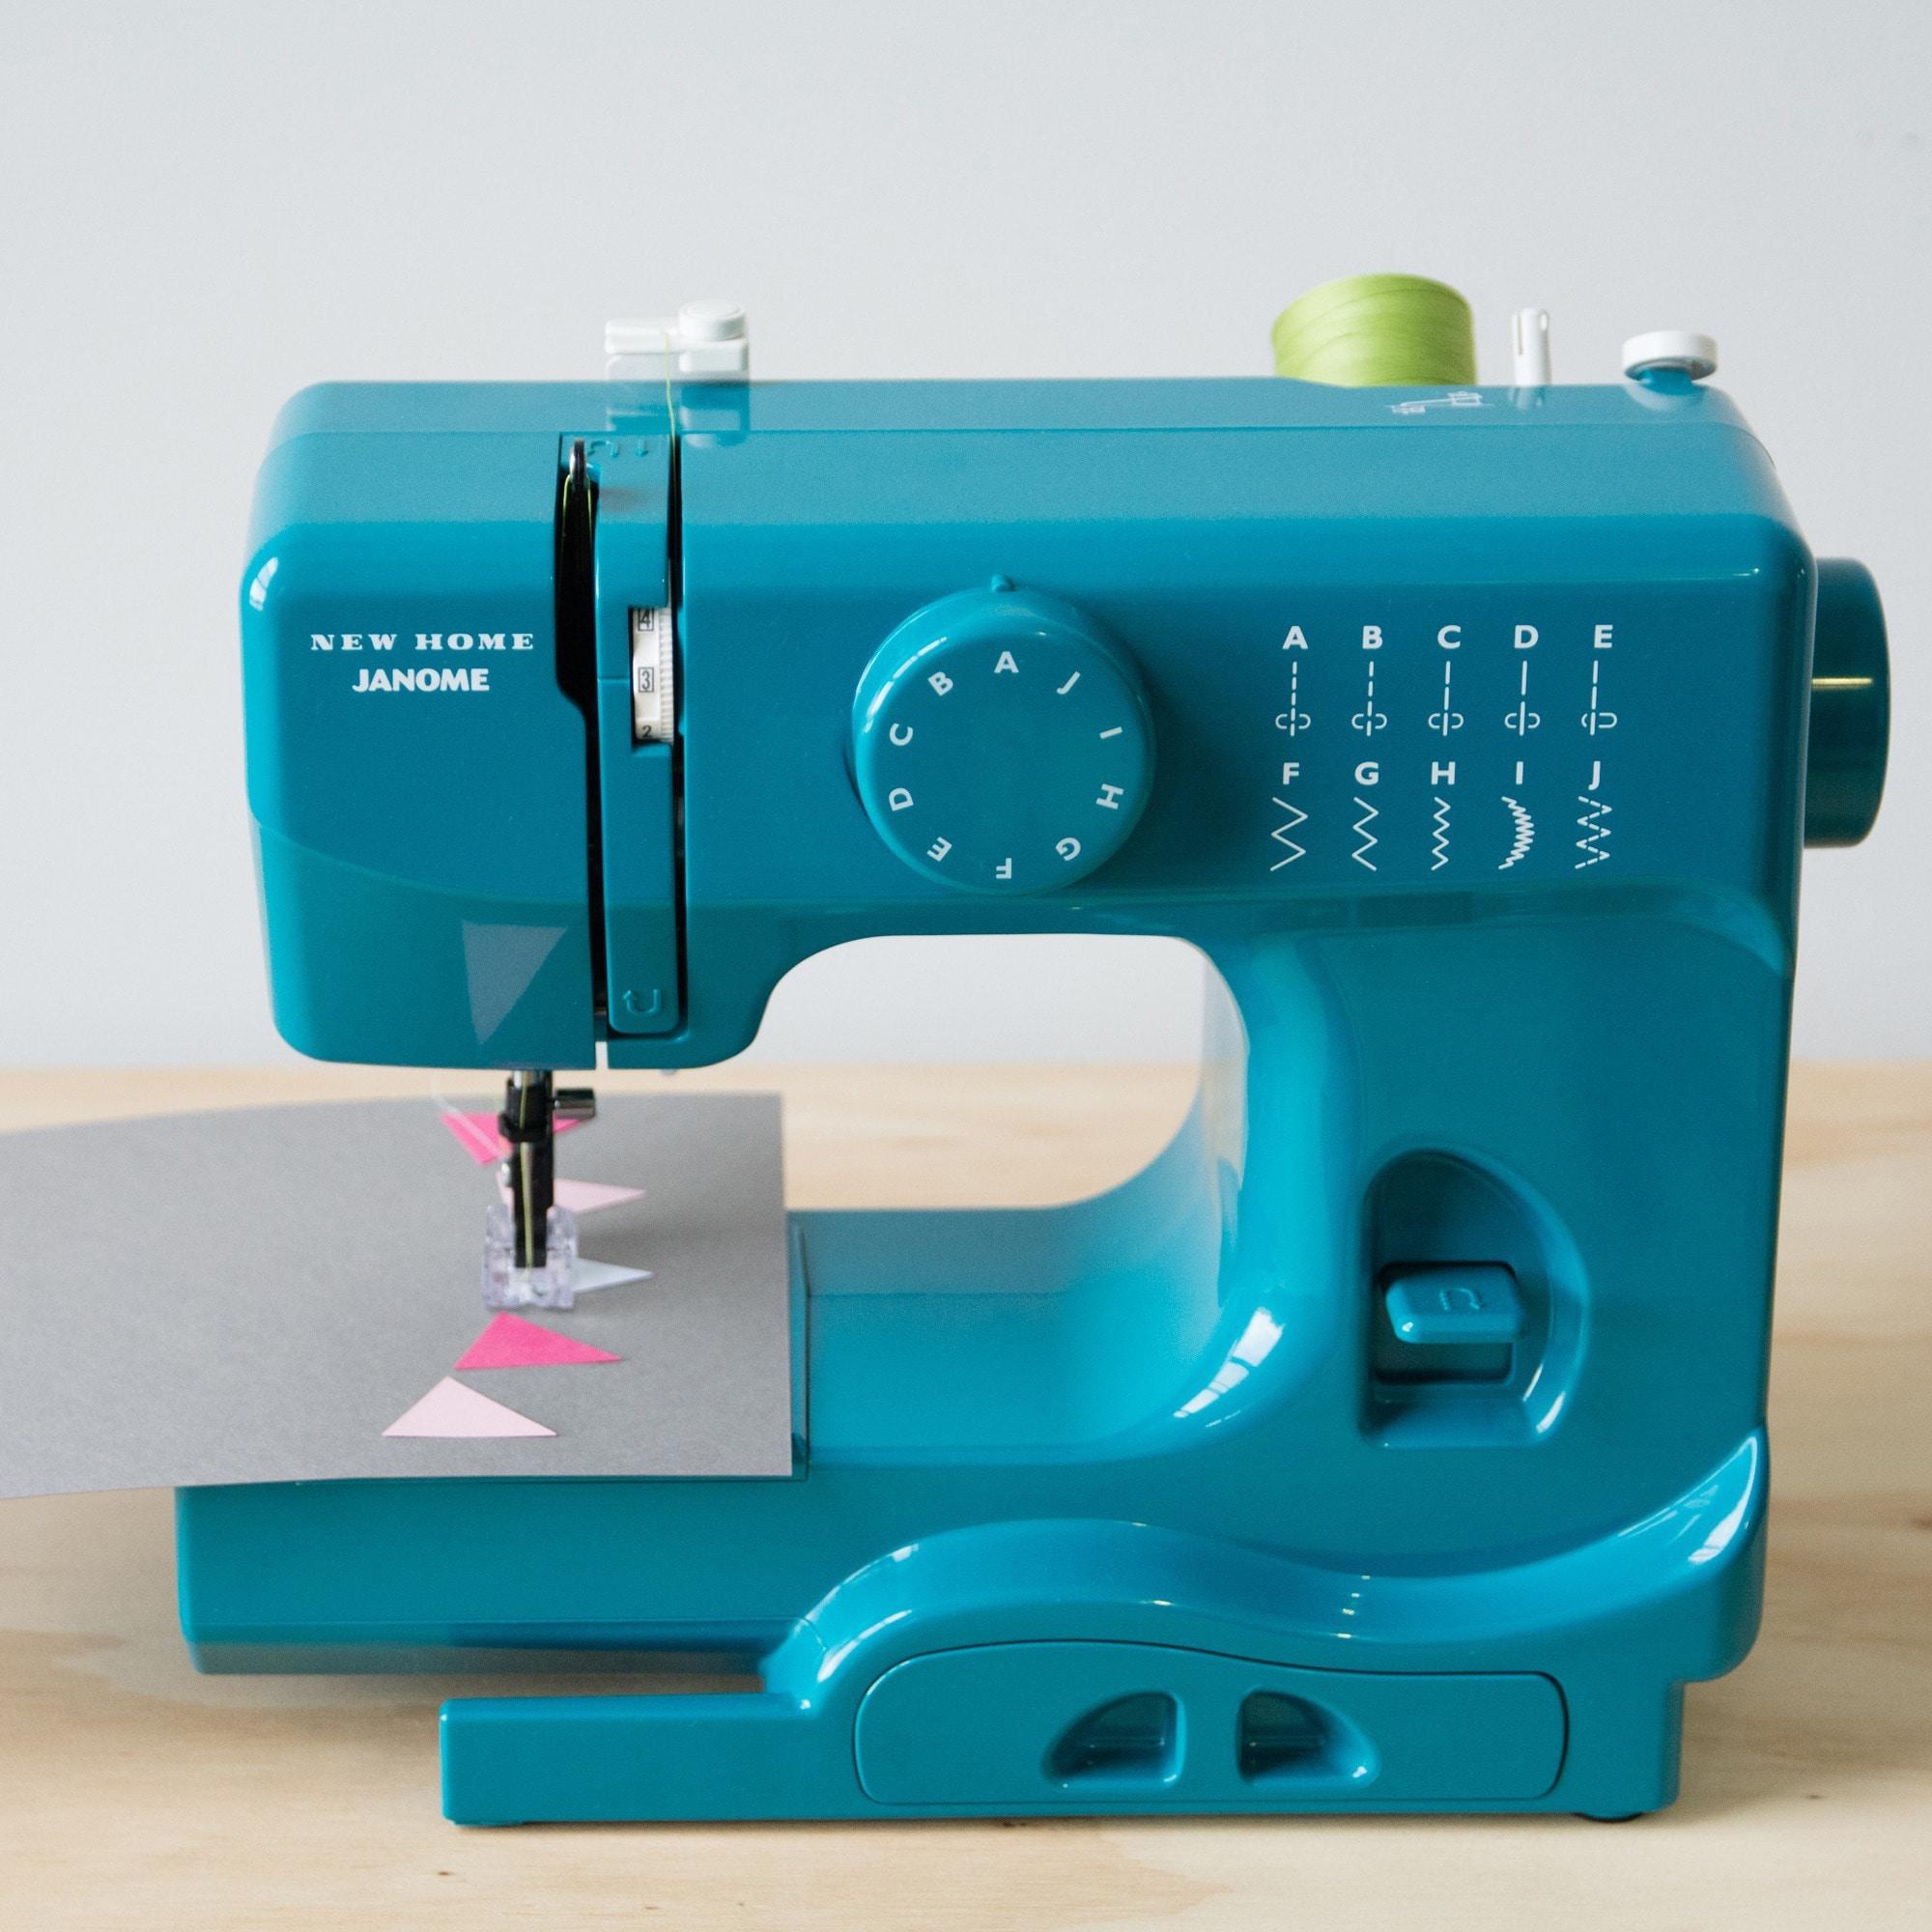 Janome Marine Magic Basic, Easy-to-Use, 10-stitch Portabl...